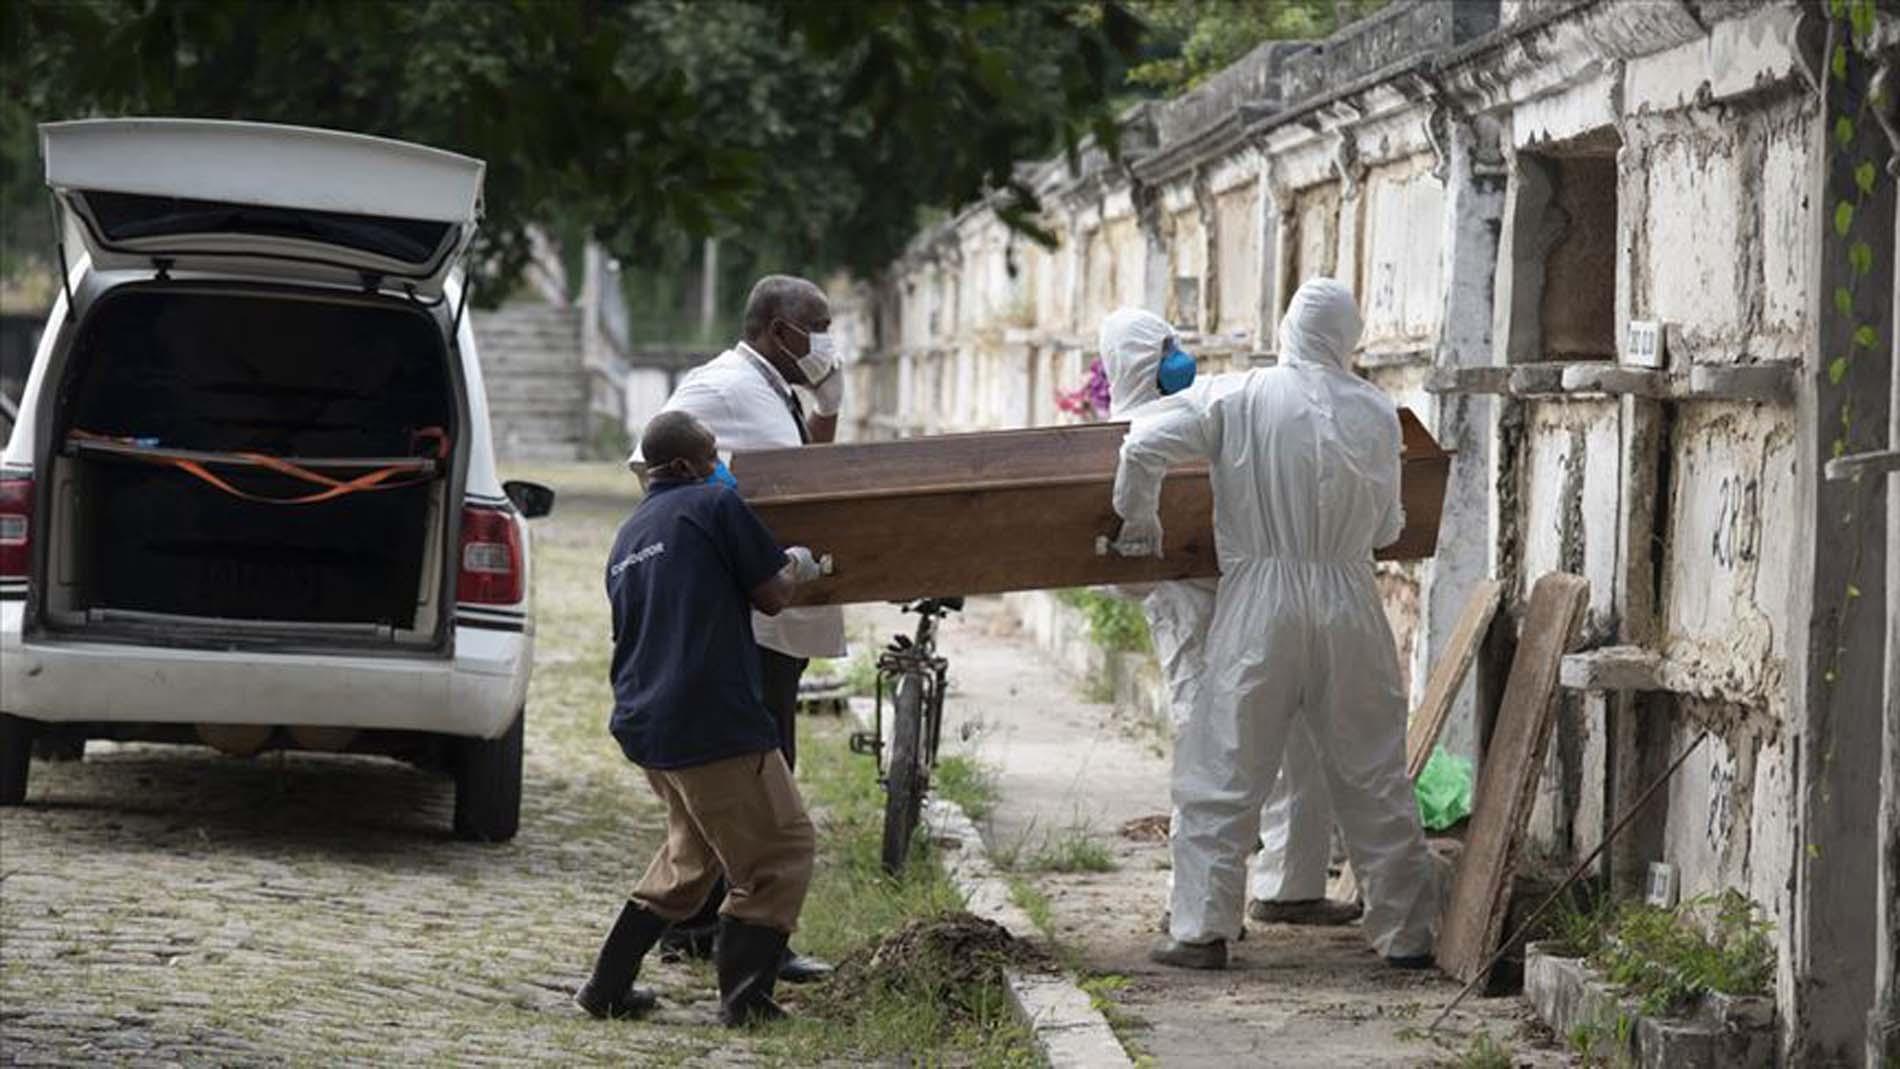 Sağlık Bakanlığı koronavirüs salgının acı bilançosunu bakanlık açıkladı! Brezilya'da yarım milyon insanı hayatını kaybetti